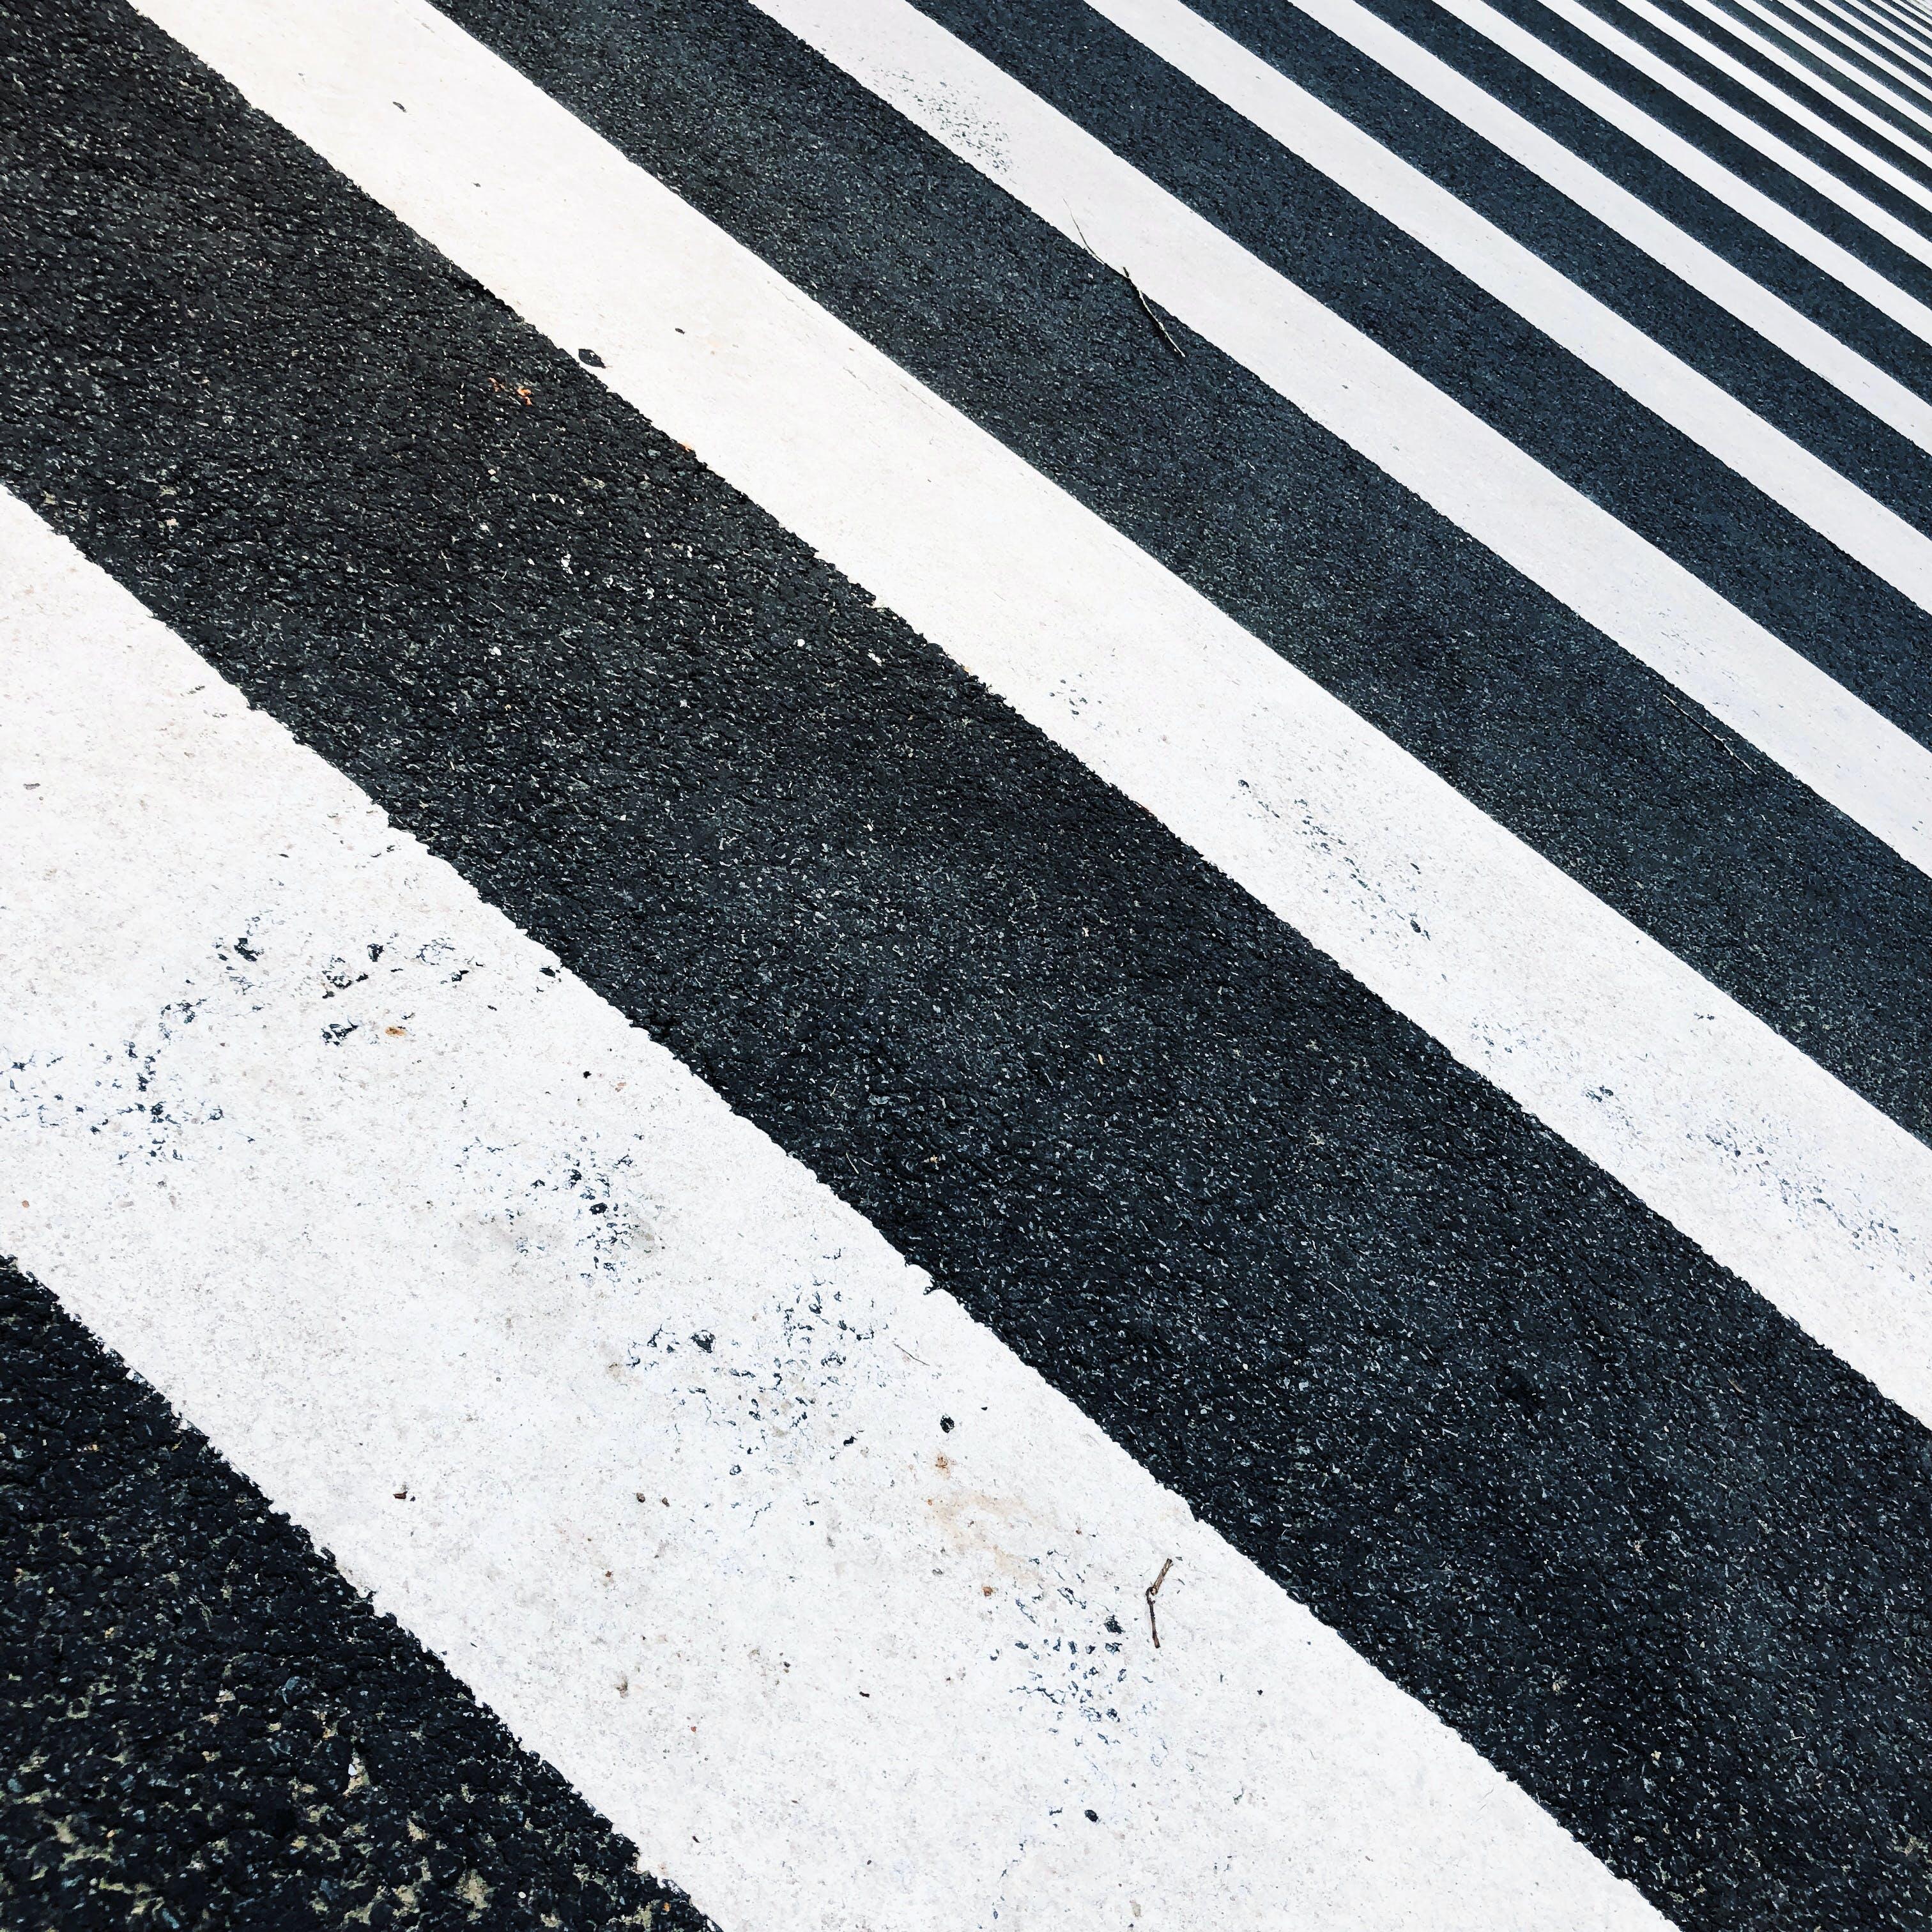 Kostnadsfri bild av abstrakt, asfalt, asfalten, körfält